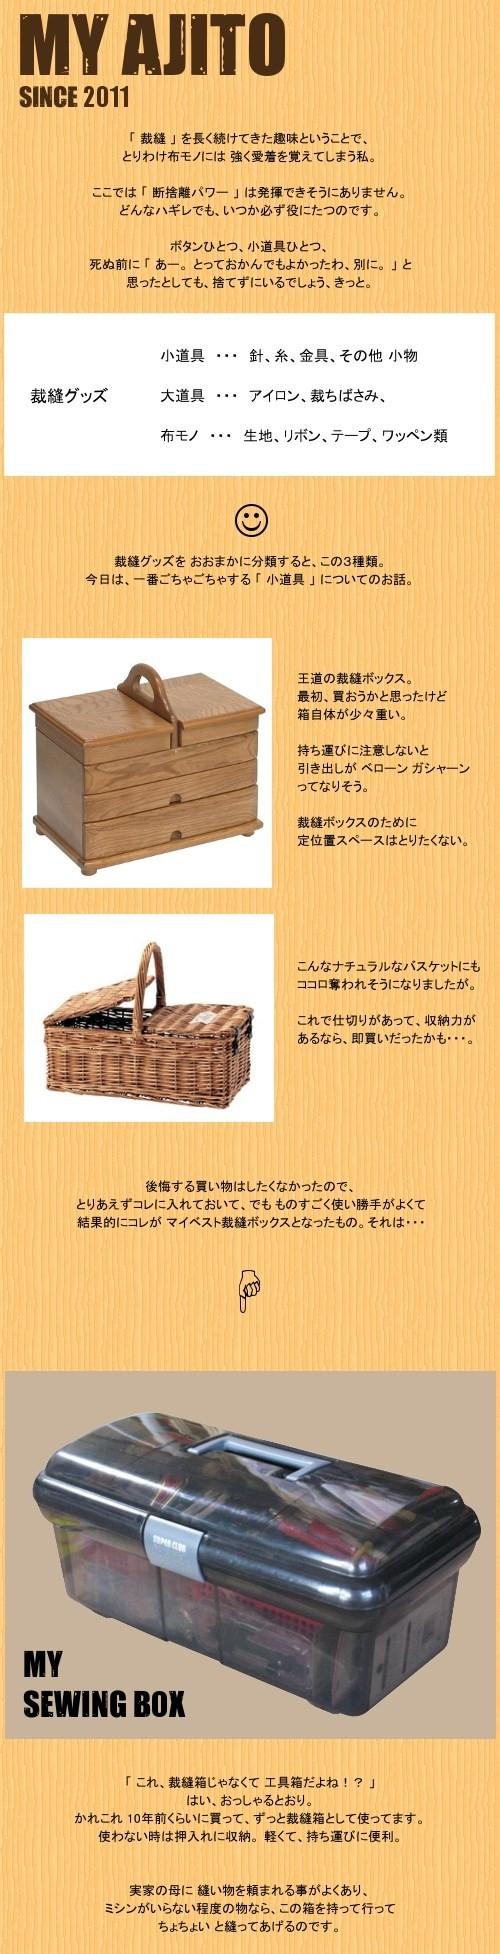 裁縫ボックス1